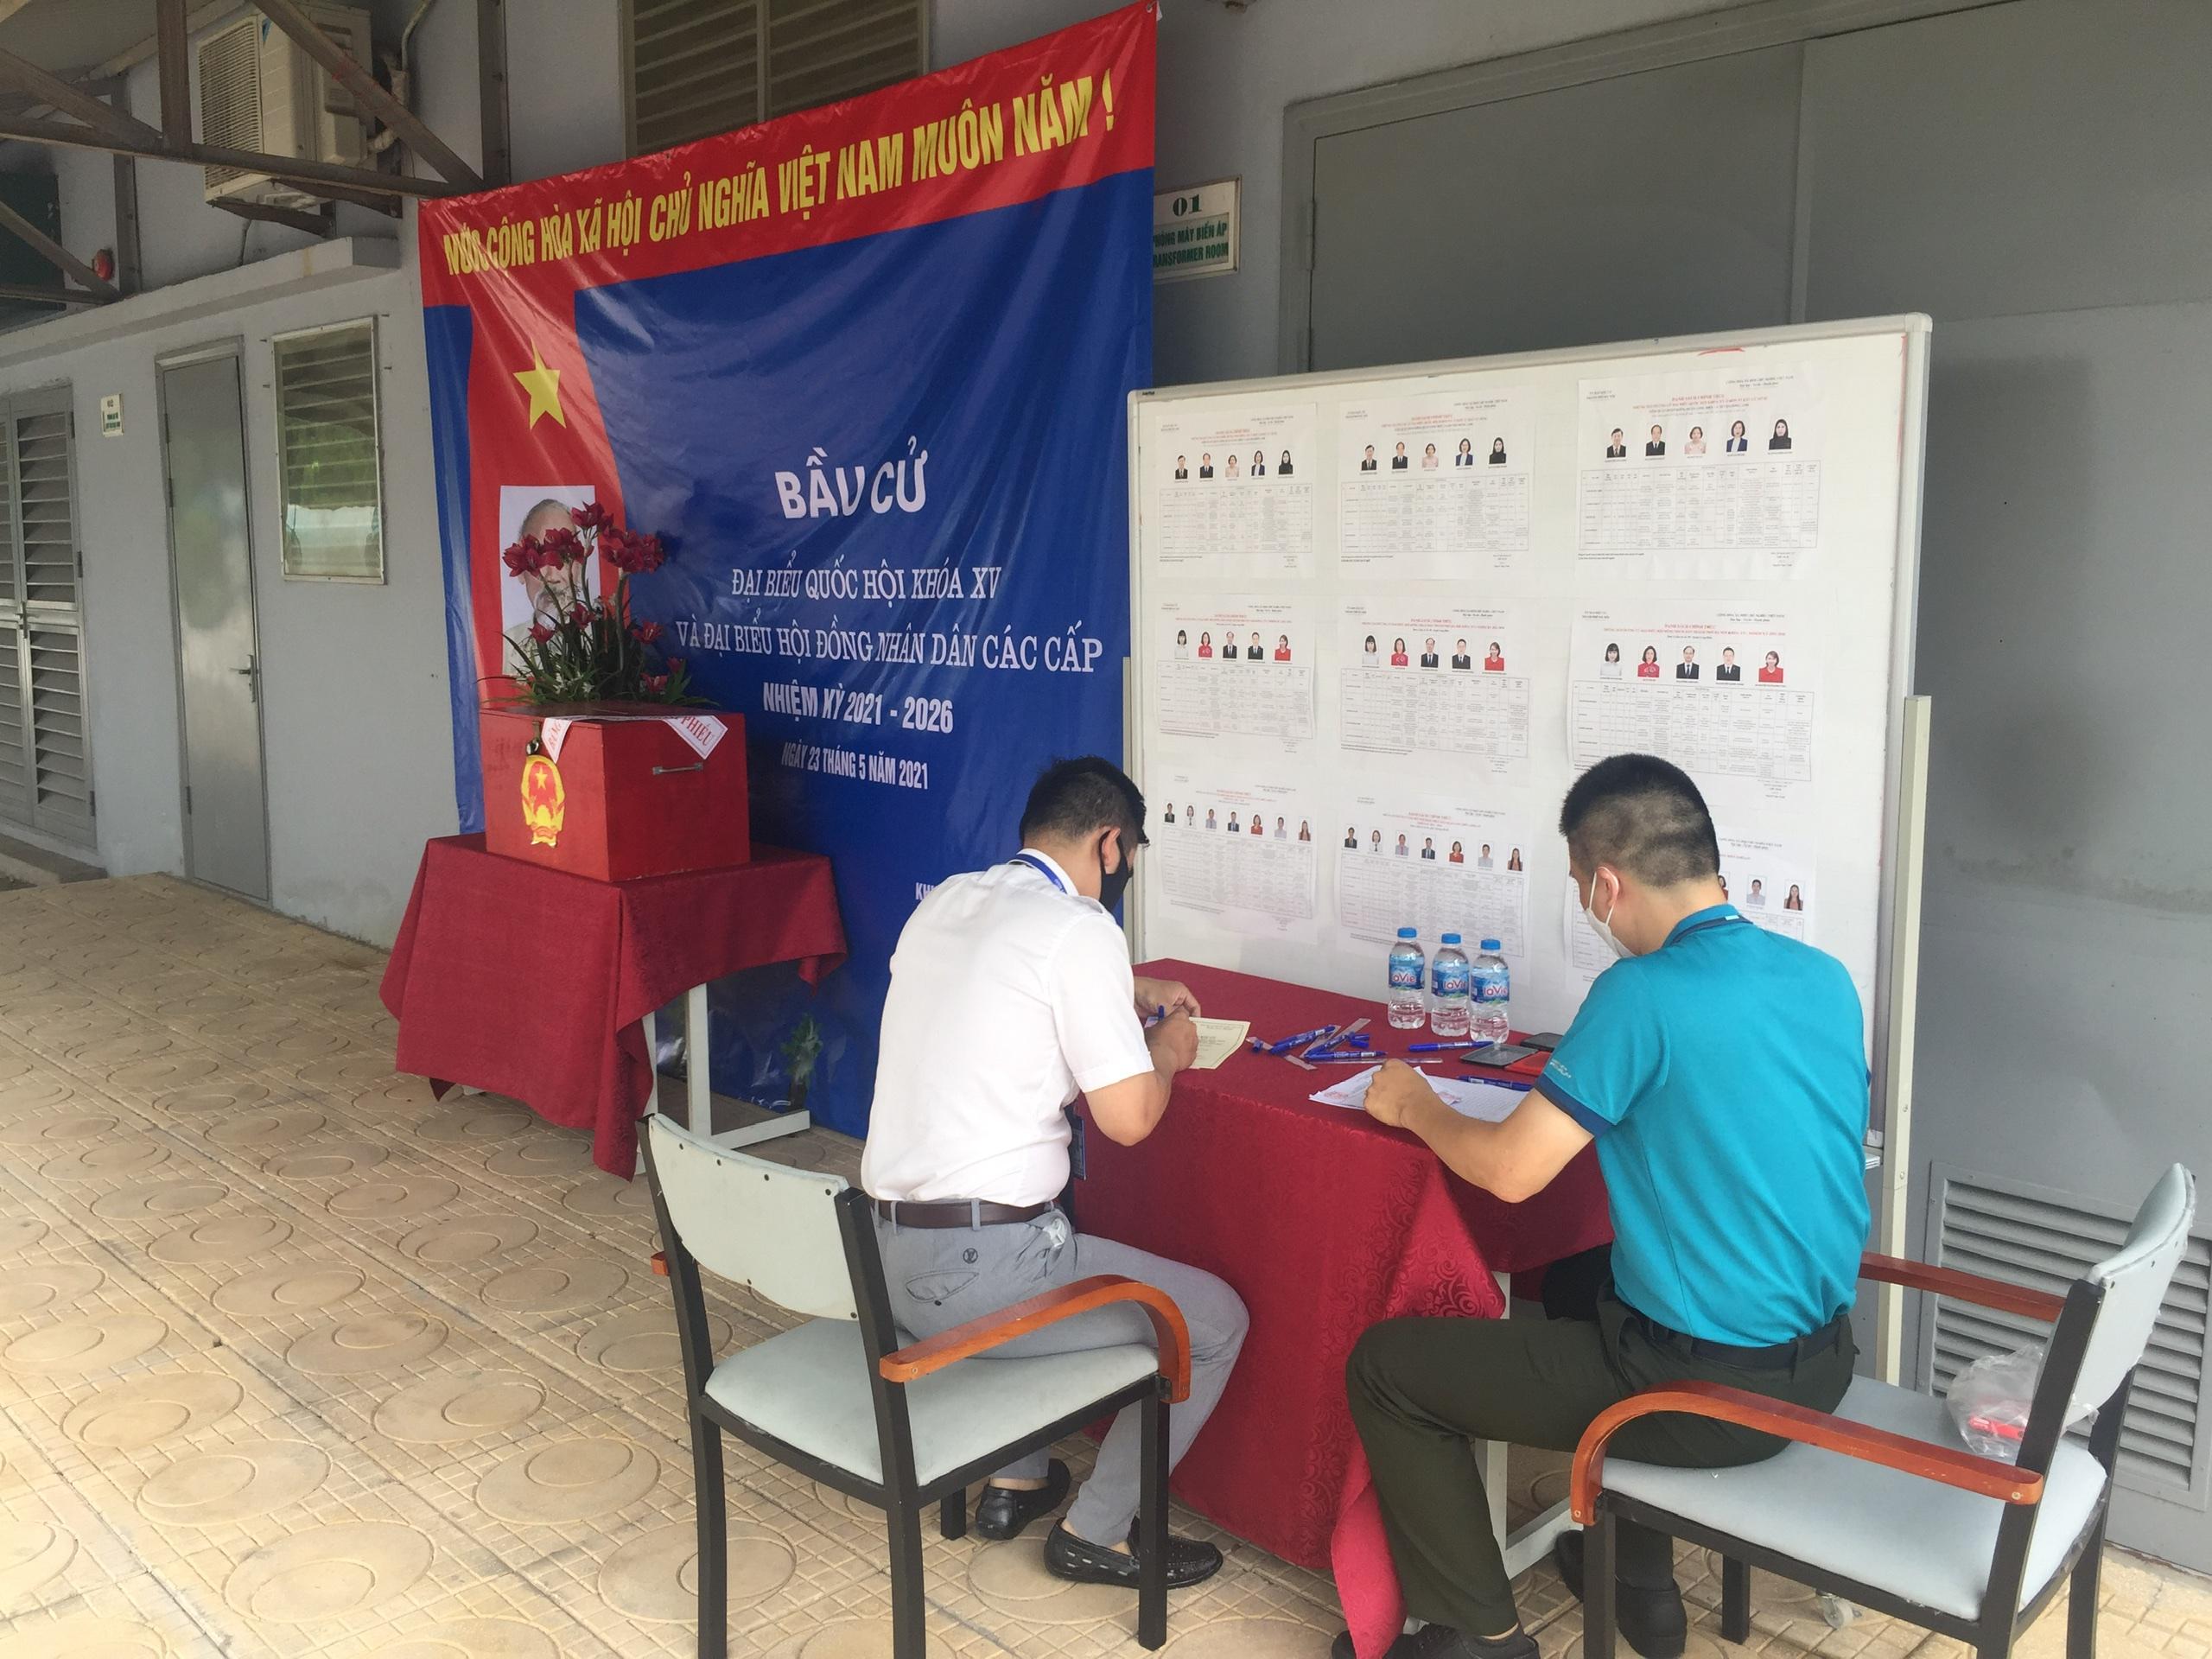 Bầu cử đại biểu Quốc hội và Hội đồng nhân dân các cấp tại điểm trực chốt ATCC Hà Nội